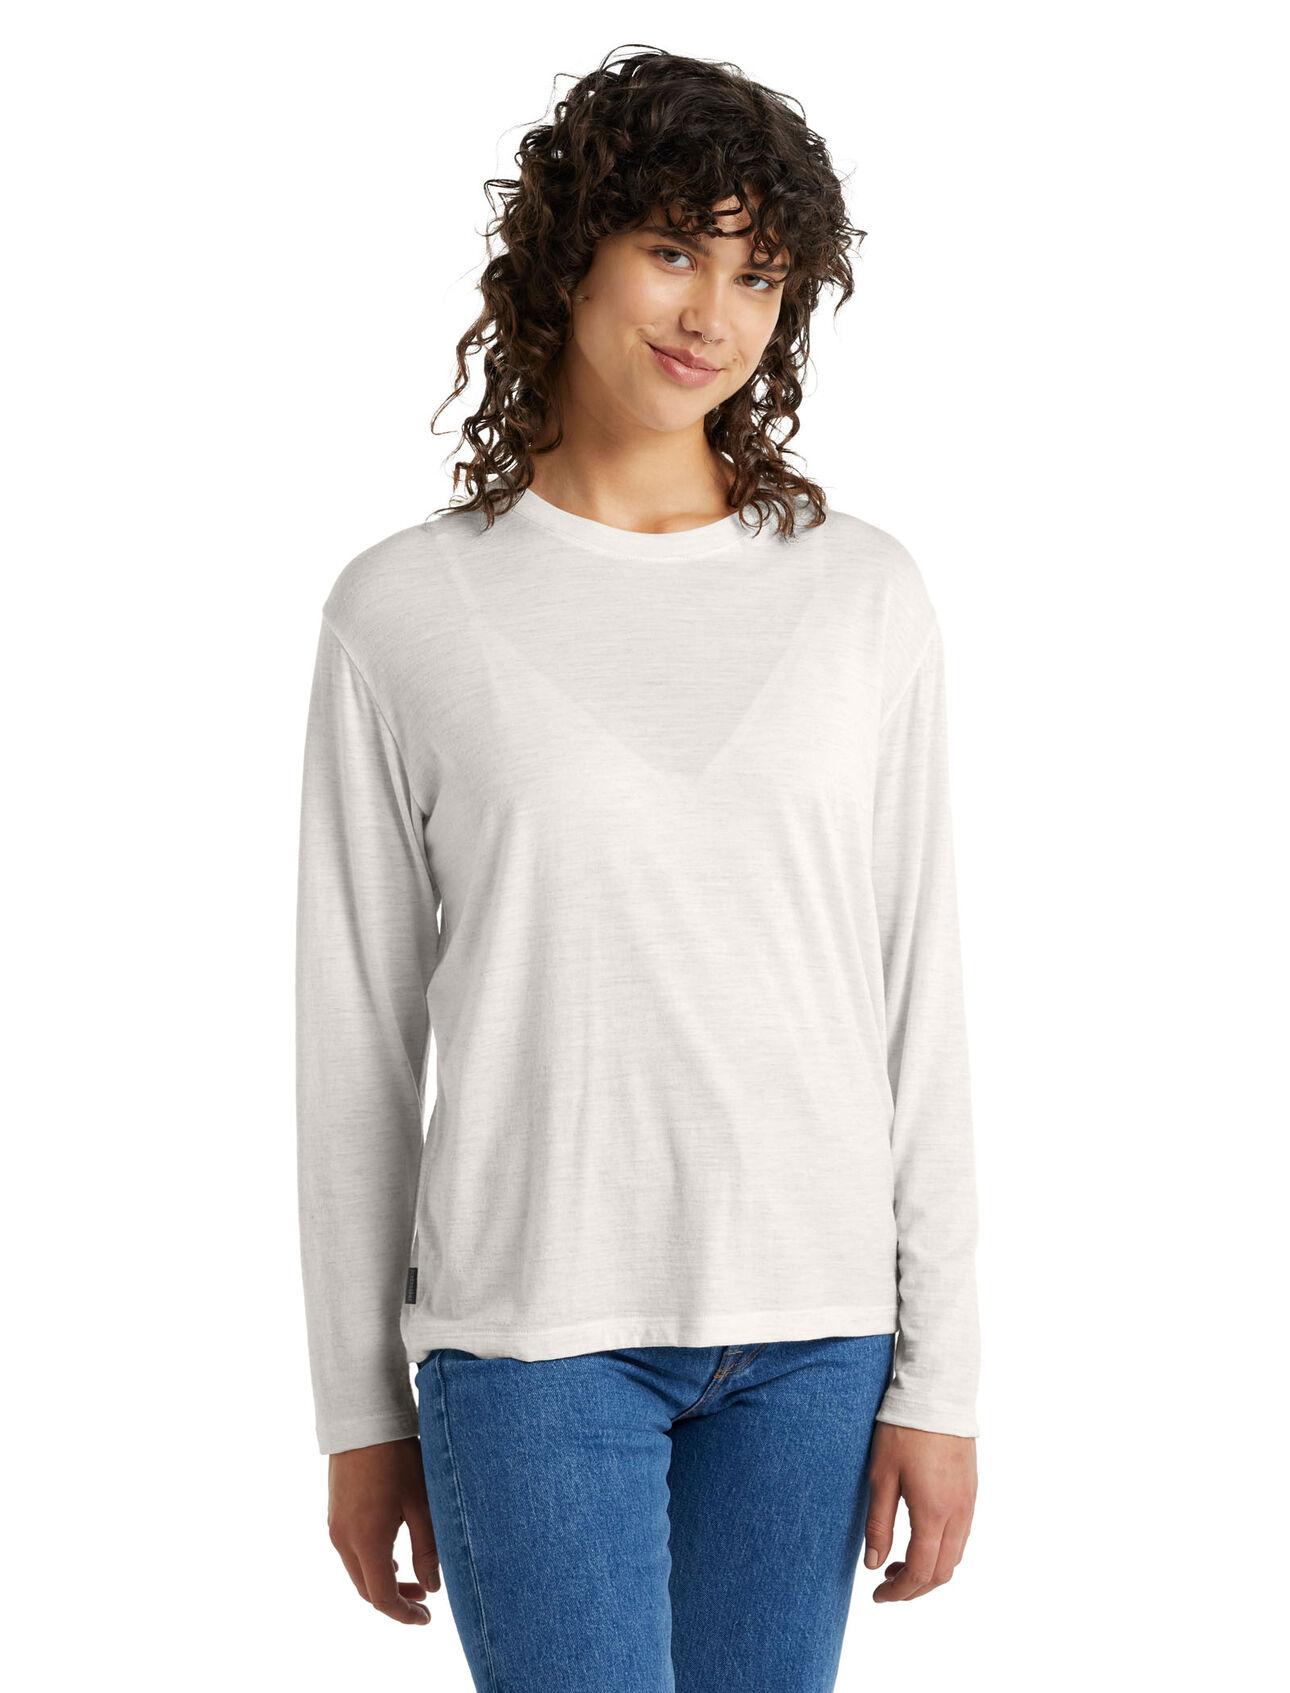 Granary långärmad t-shirt i merino